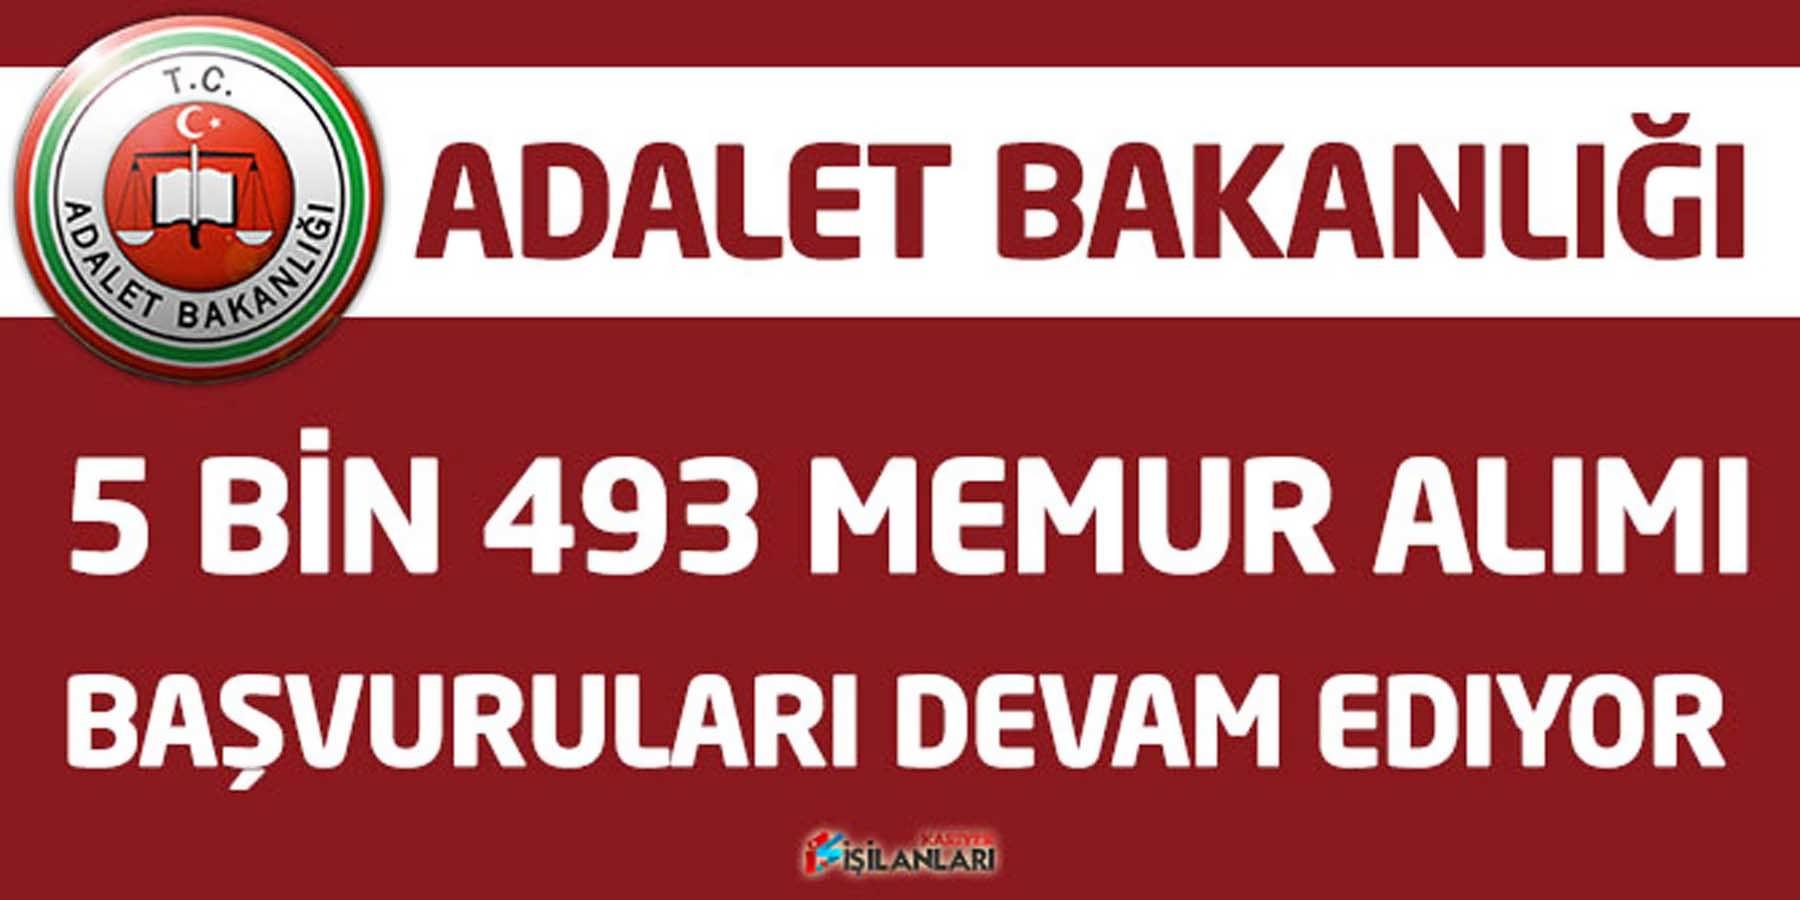 Adalet Bakanlığı 5 Bin 493 Memur Alımı Başvuruları Devam Ediyor